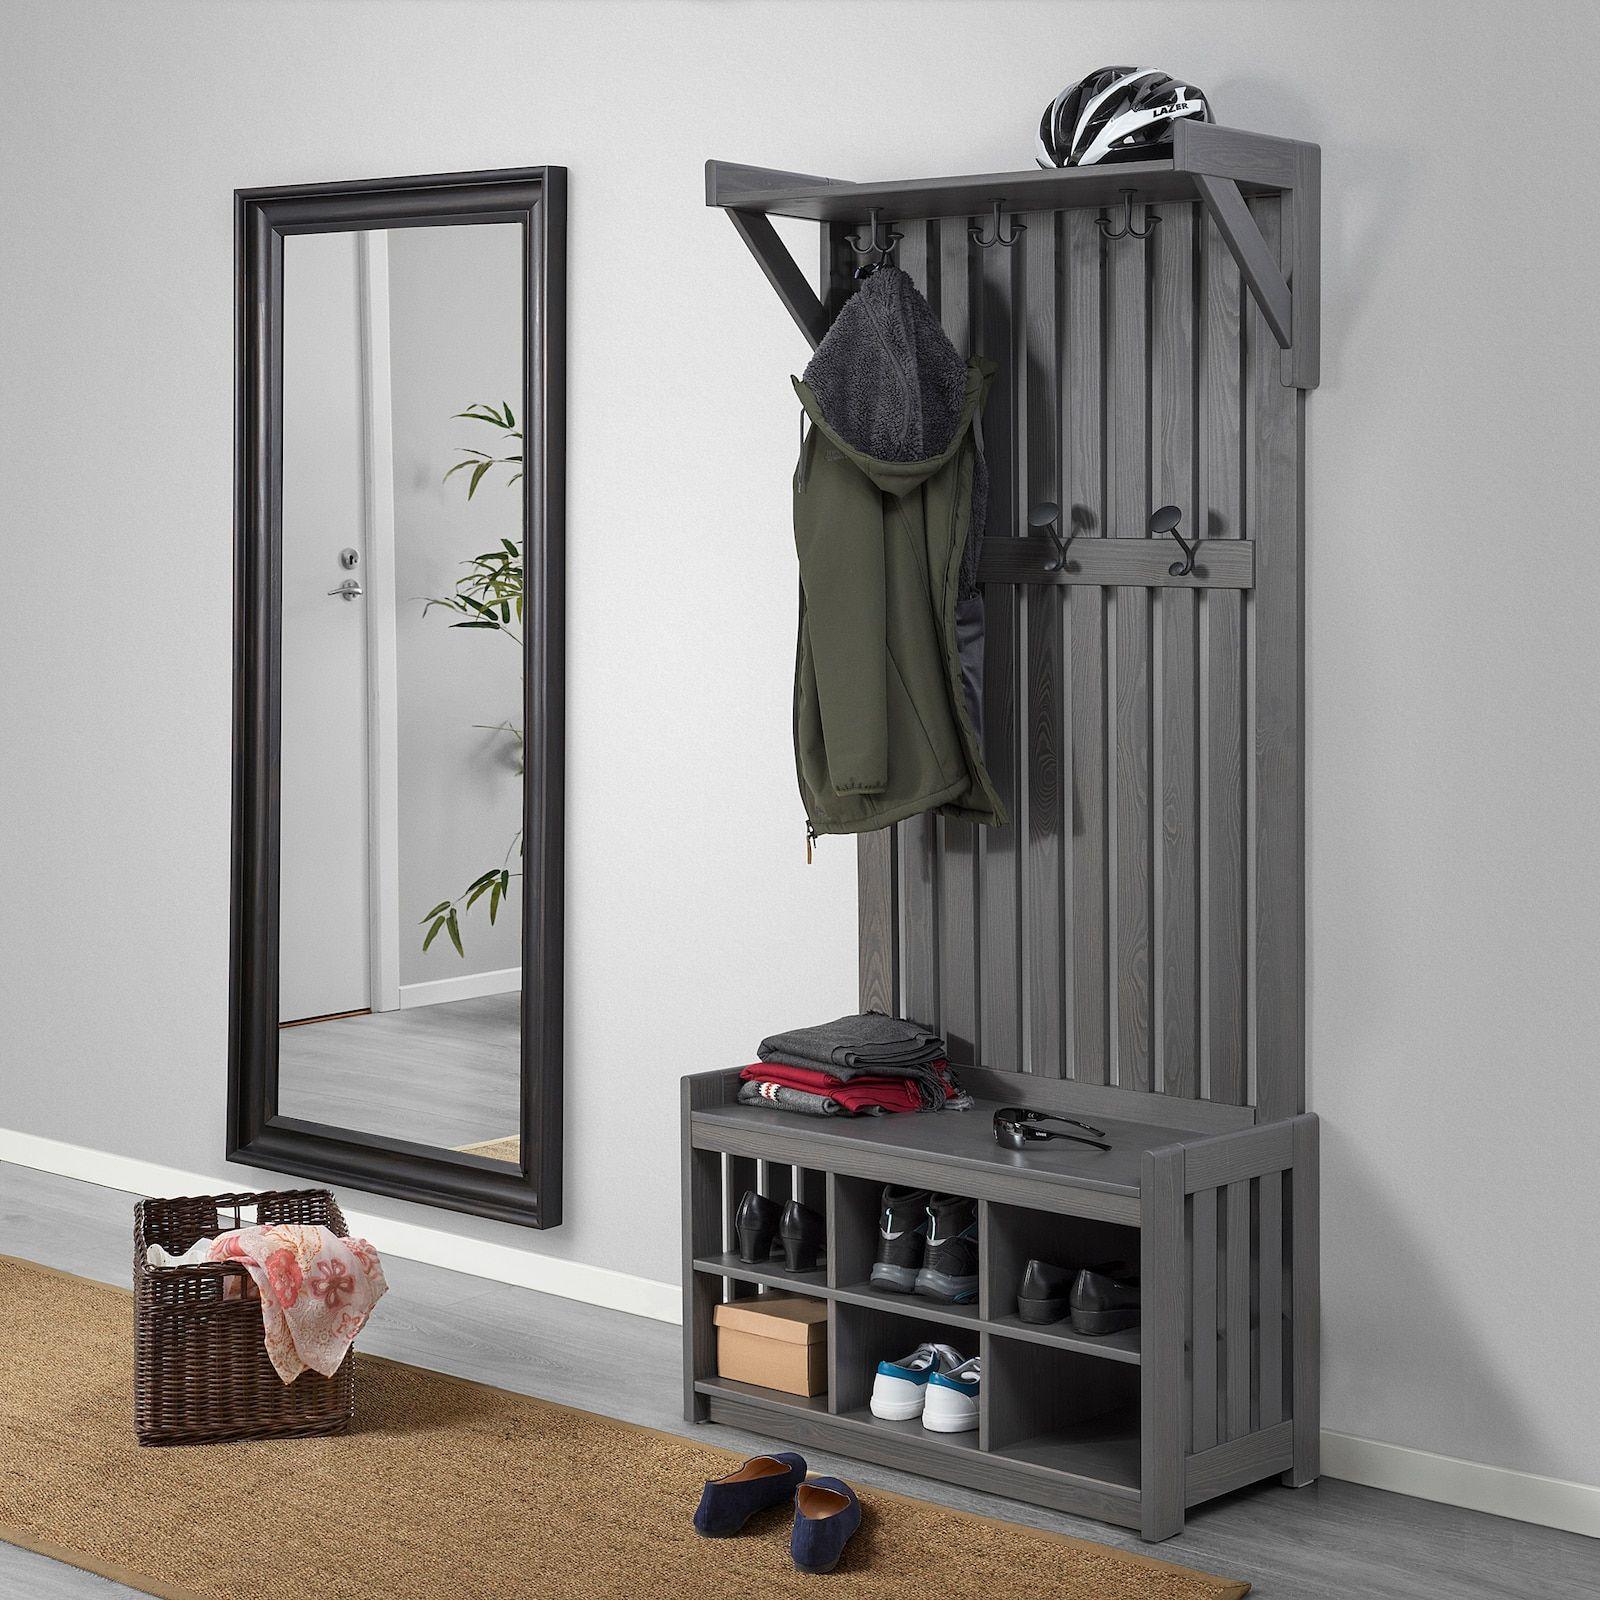 Panget Coat Rack With Shoe Storage Bench Dark Gray Stained 331 2x161 8x783 4 Ikea In 2021 Bench With Shoe Storage Coat And Shoe Storage Coat And Shoe Rack Coat rack with shoe storage